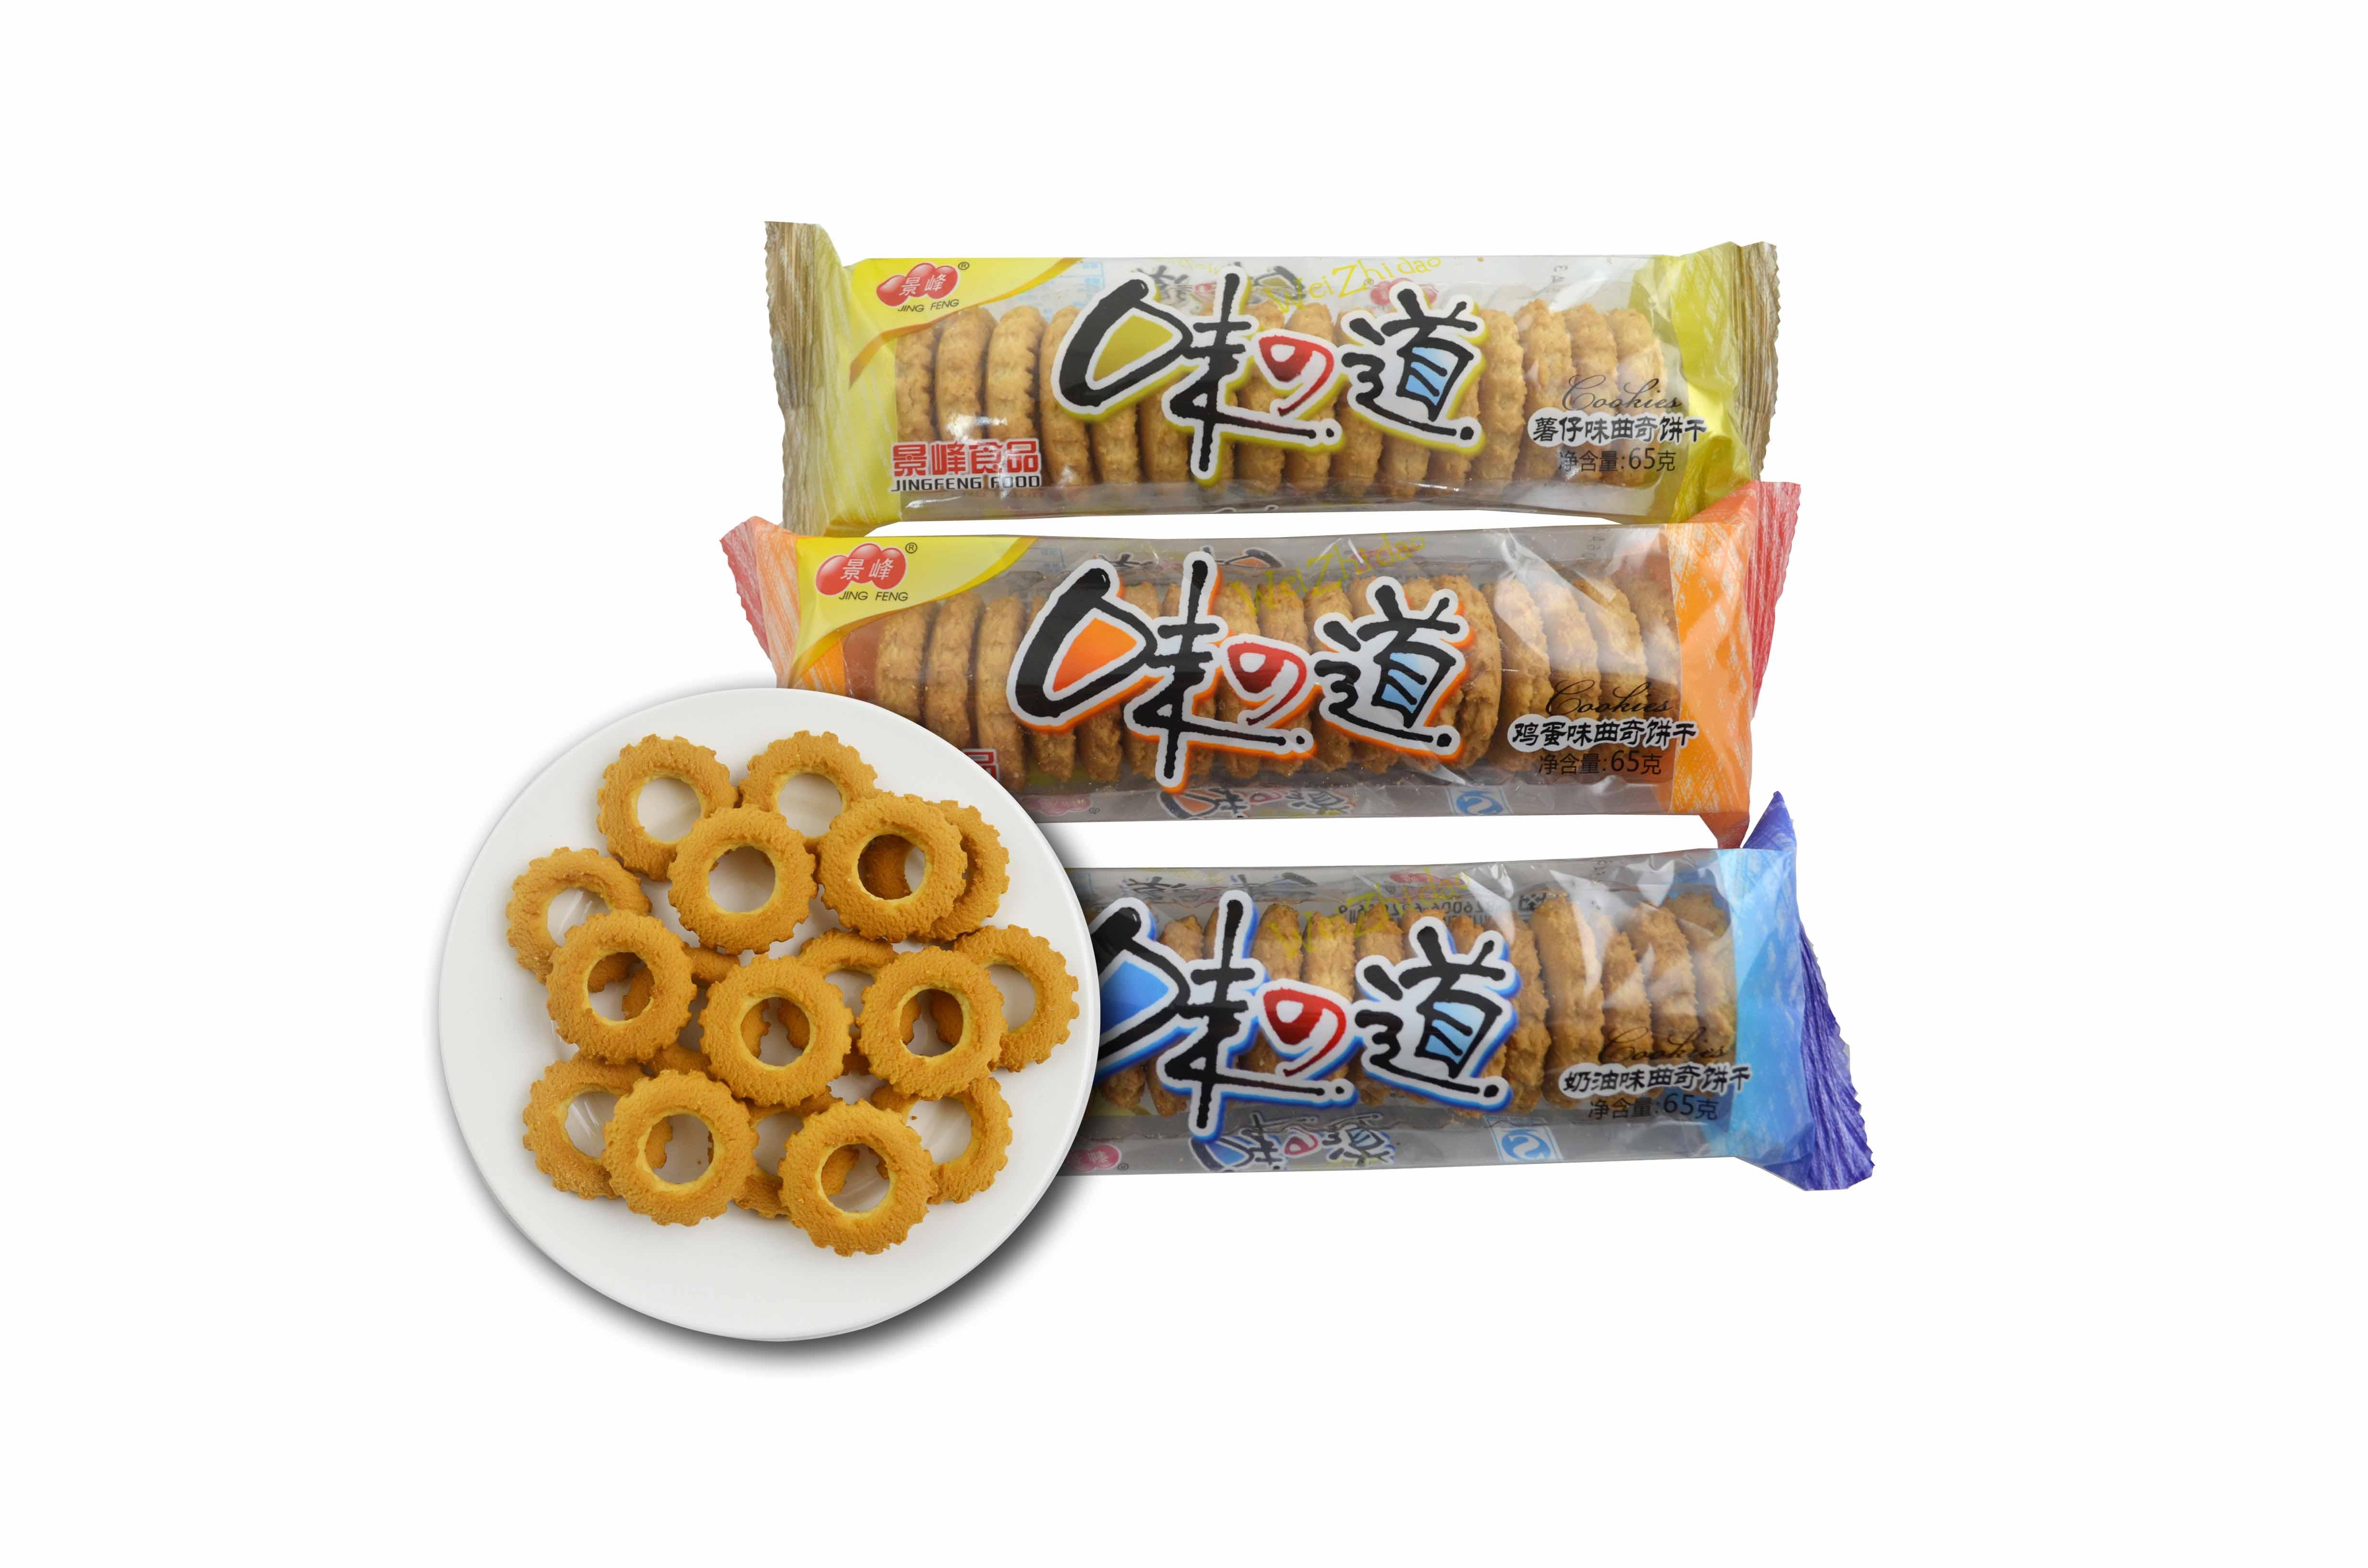 味之道曲奇饼干(65g)